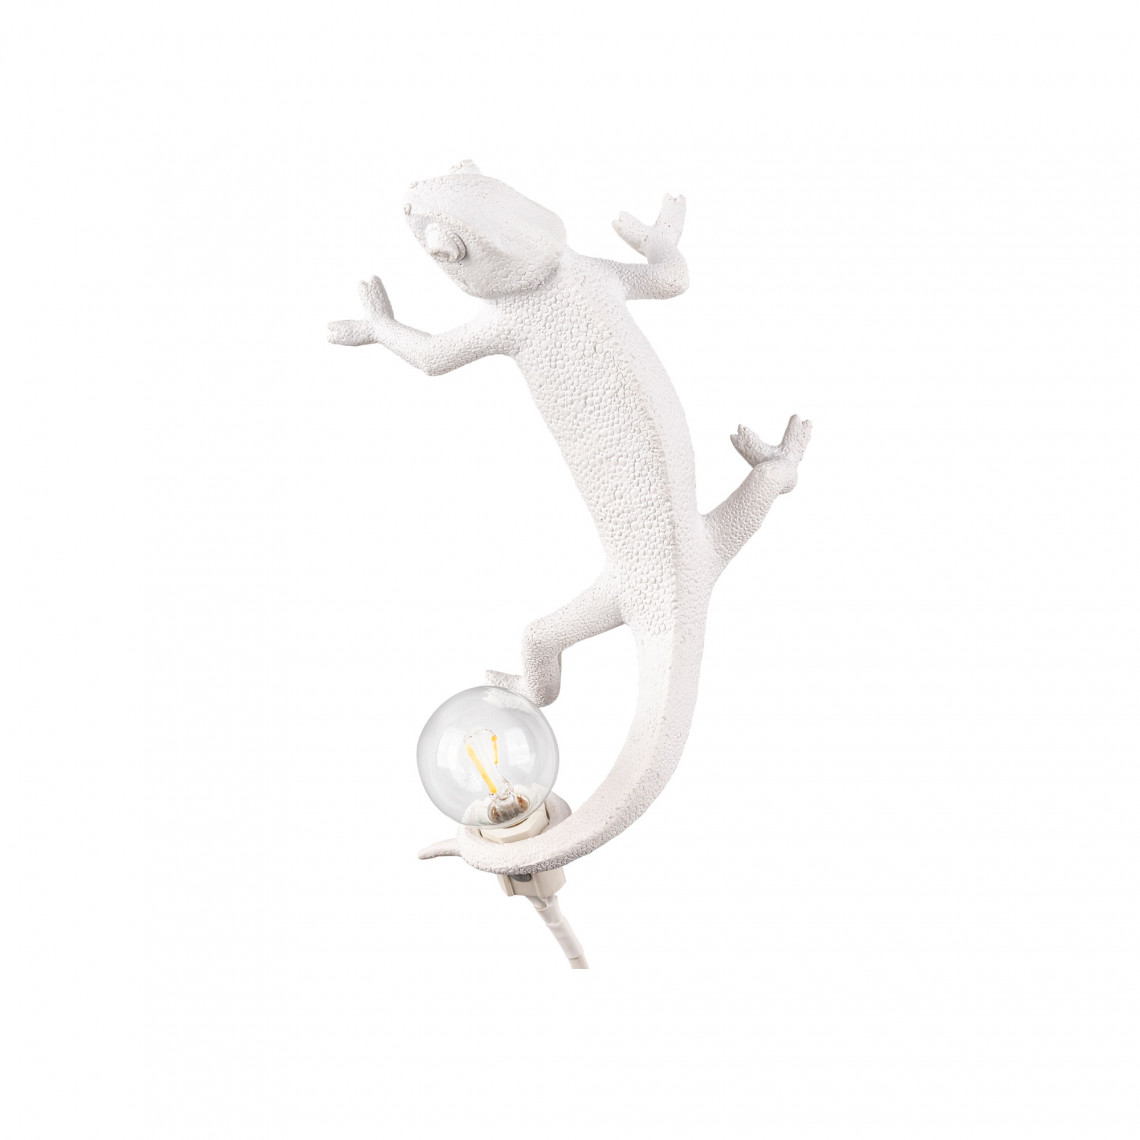 Chameleon Lamp - Going Up